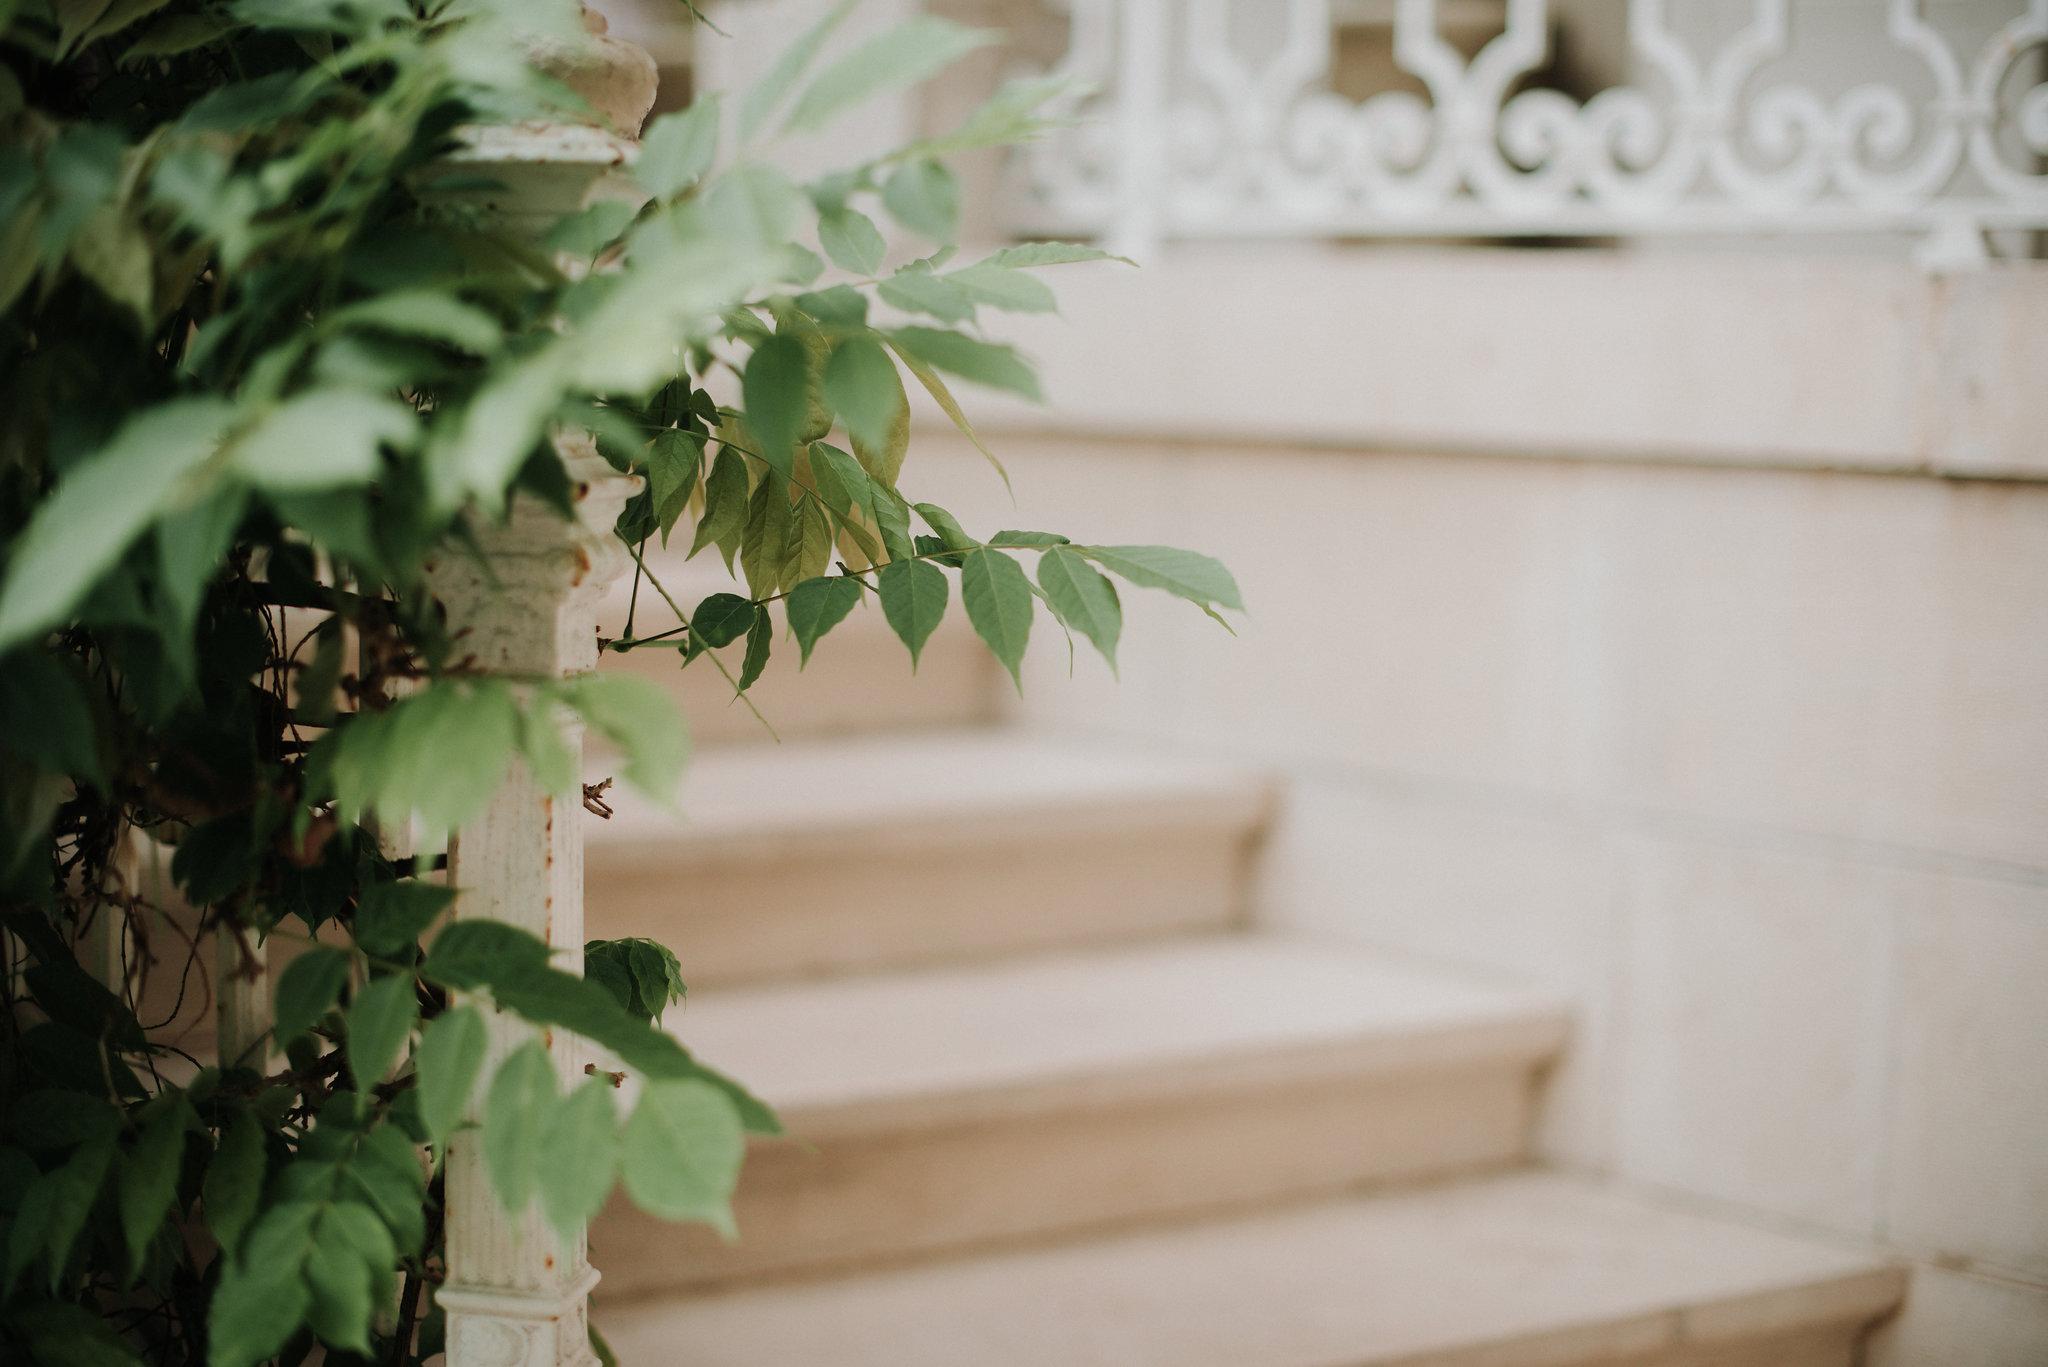 Léa-Fery-photographe-professionnel-lyon-rhone-alpes-portrait-creation-mariage-evenement-evenementiel-famille-1052.jpg